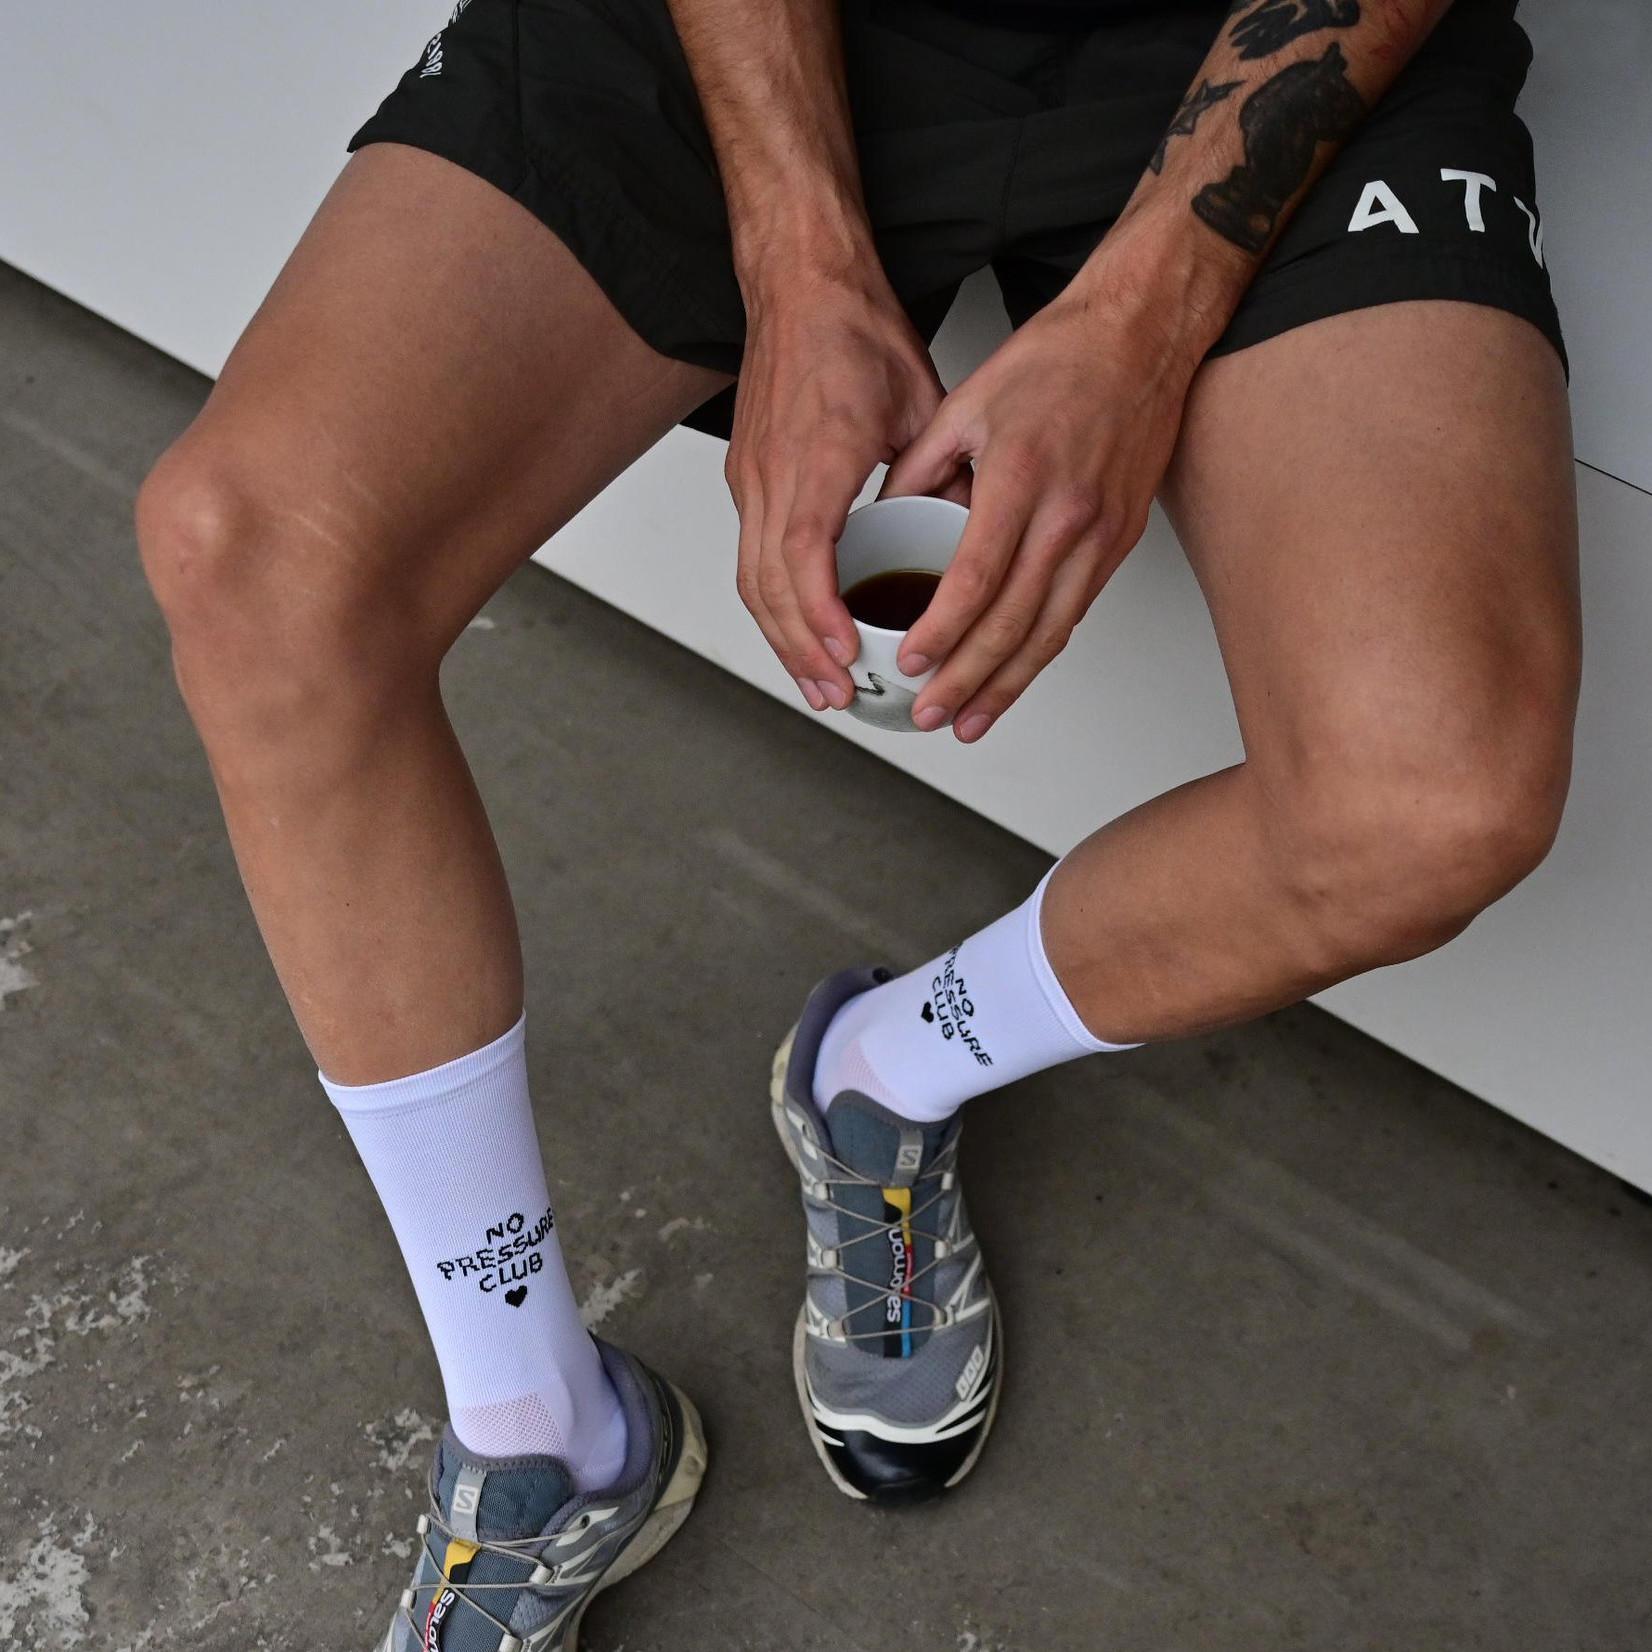 Fingerscrossed FINGERSCROSSED Socks - No Pressure Club